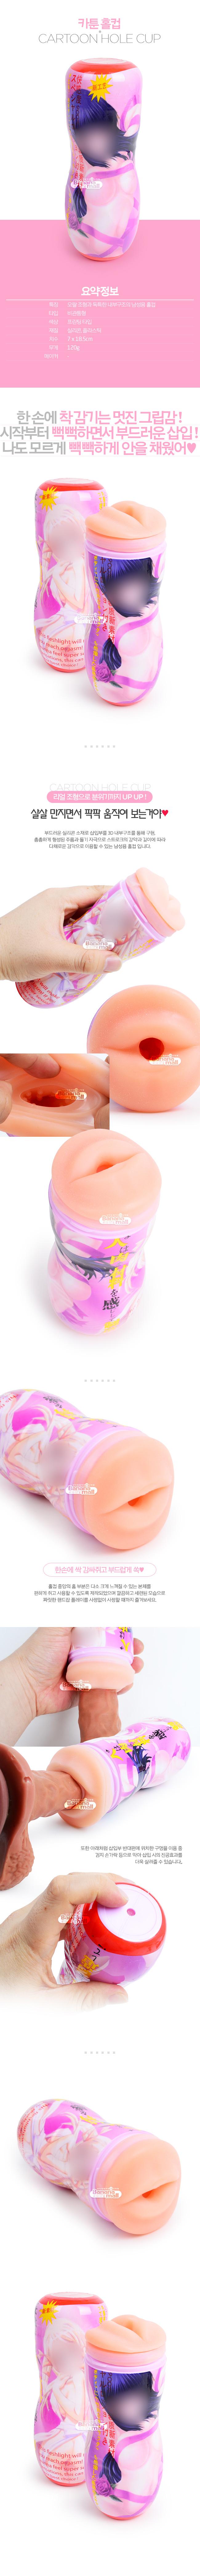 [남성 홀컵] 카툰 홀컵(Cartoon Hole Cup)